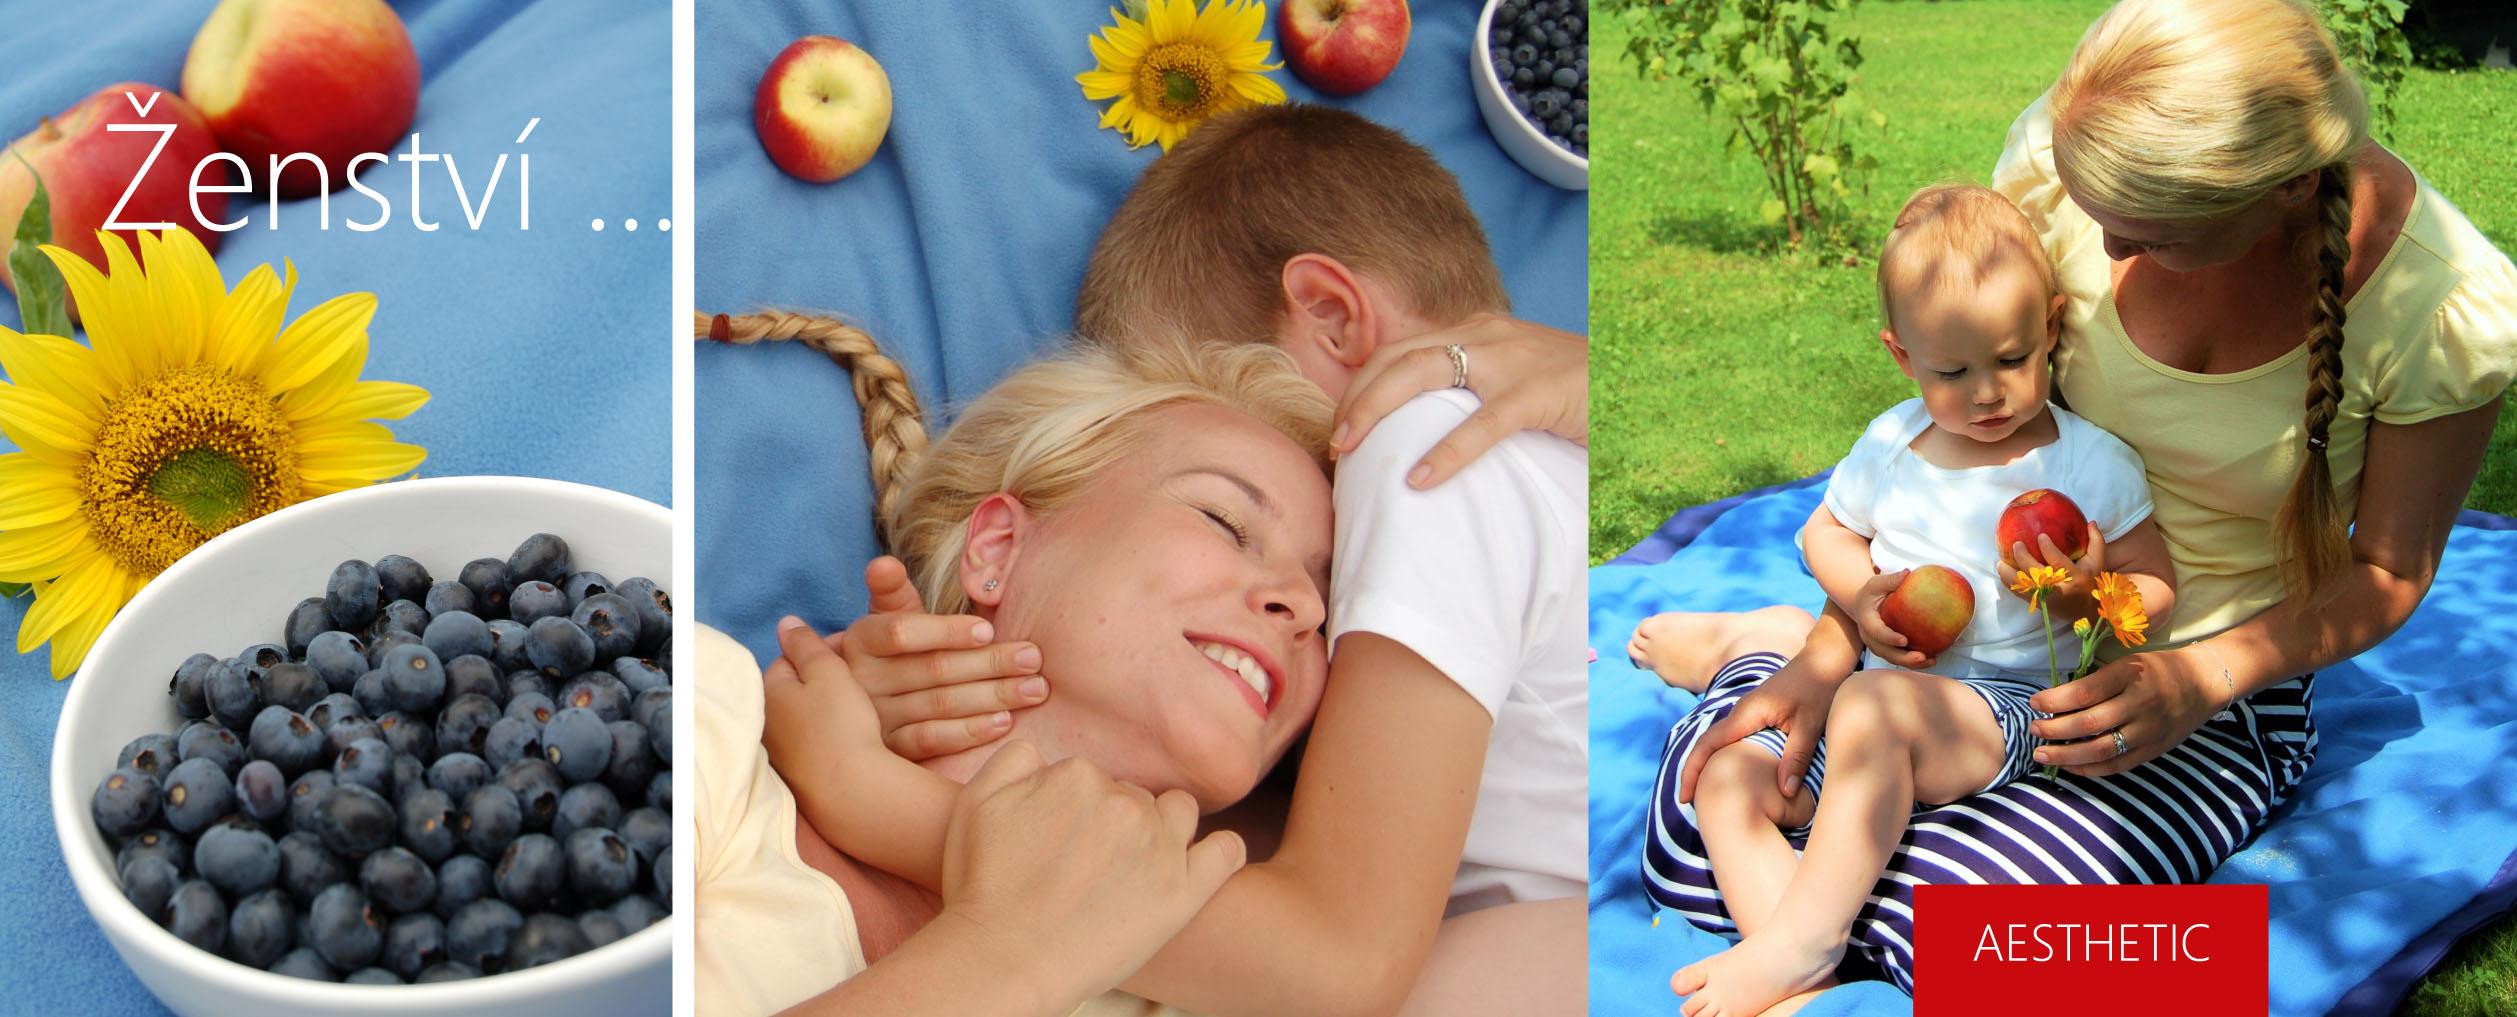 Rodinný piknik